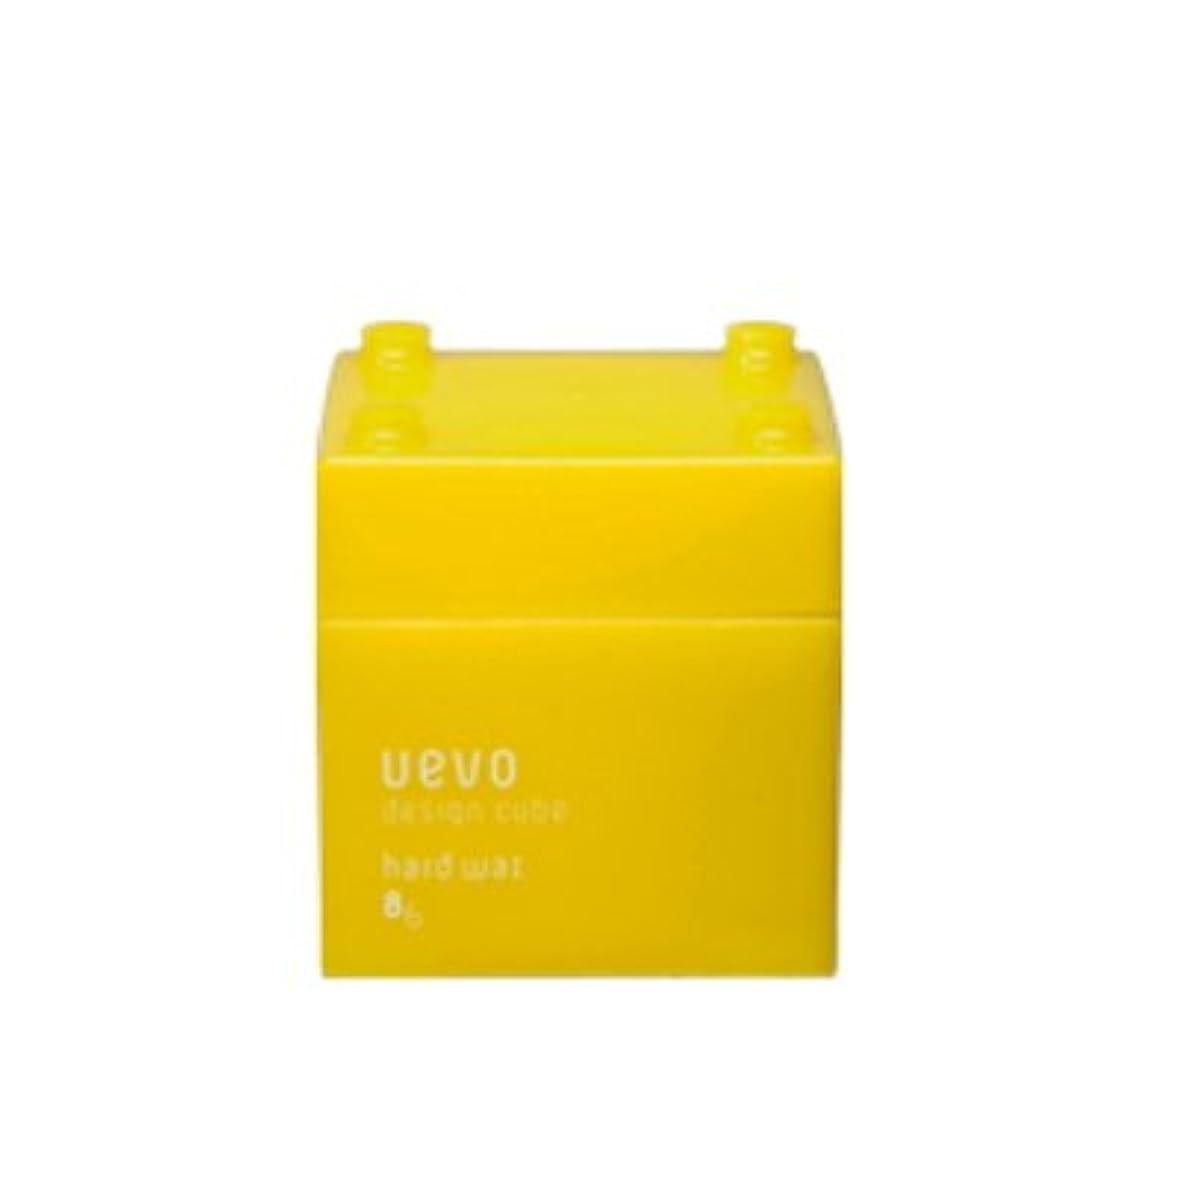 作者販売計画パスタ【デミコスメティクス】ウェーボ デザインキューブ ハードワックス 80g